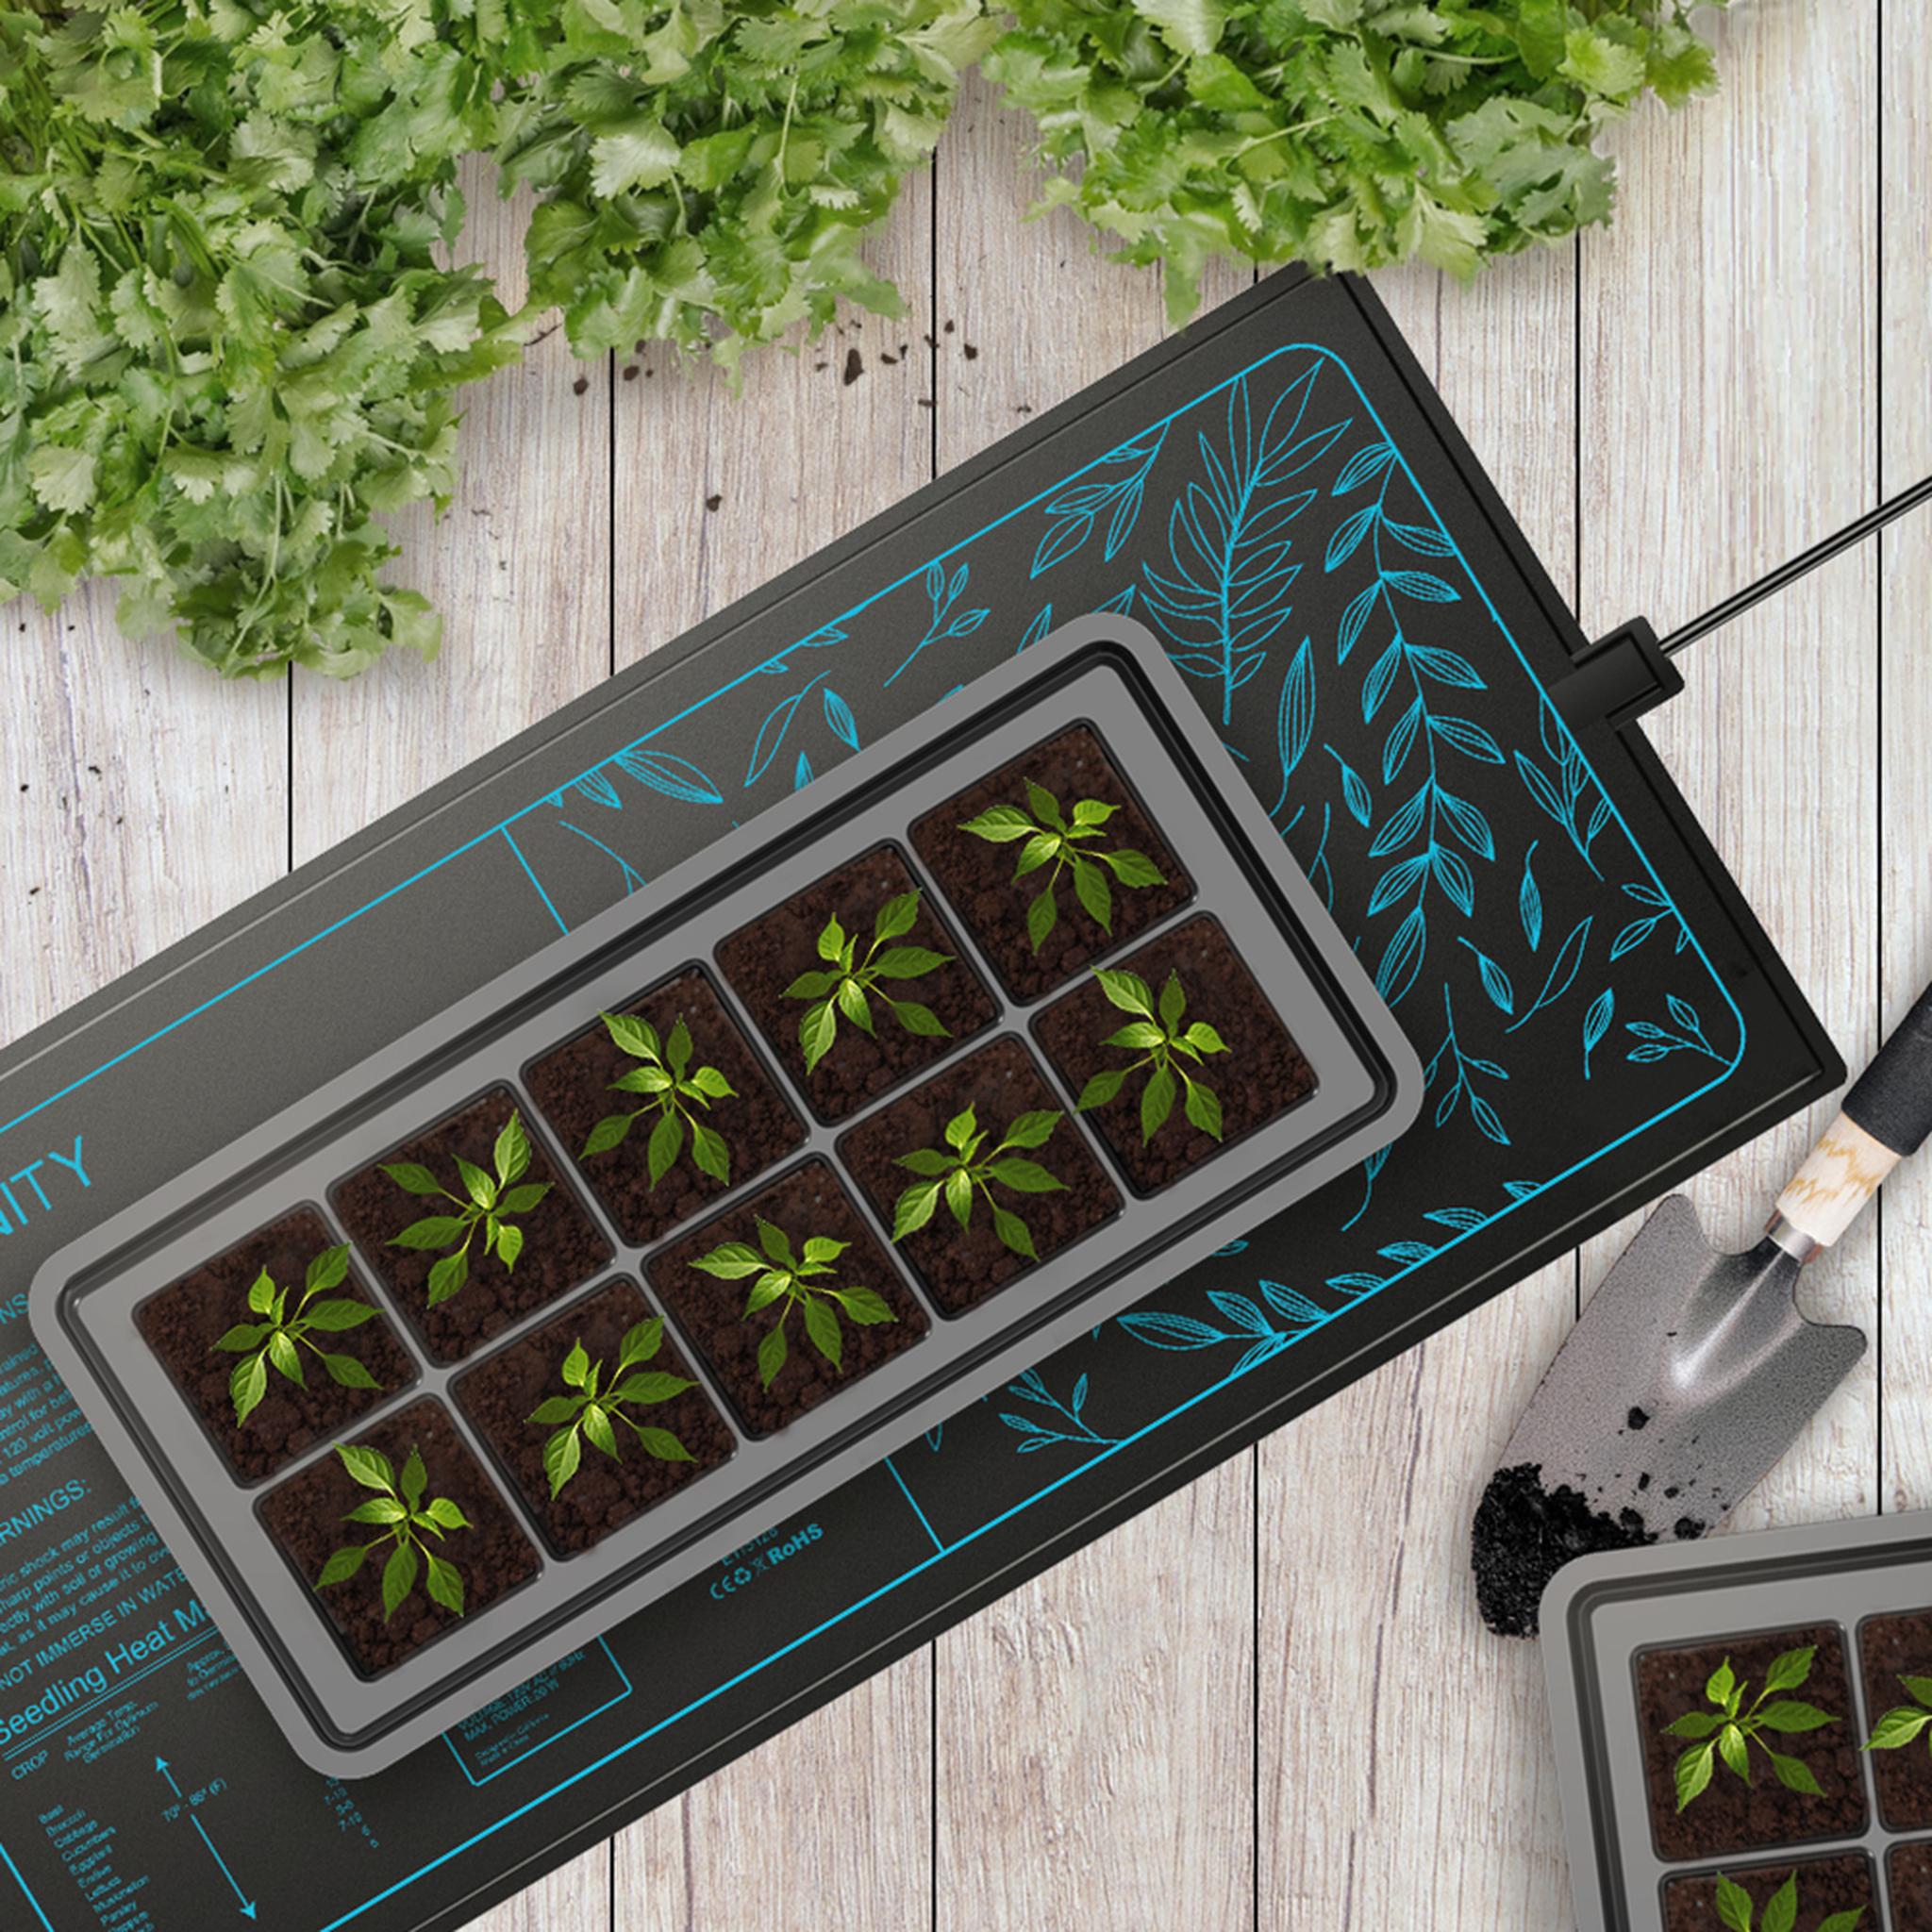 Suncore Heat Mat growing seedlings